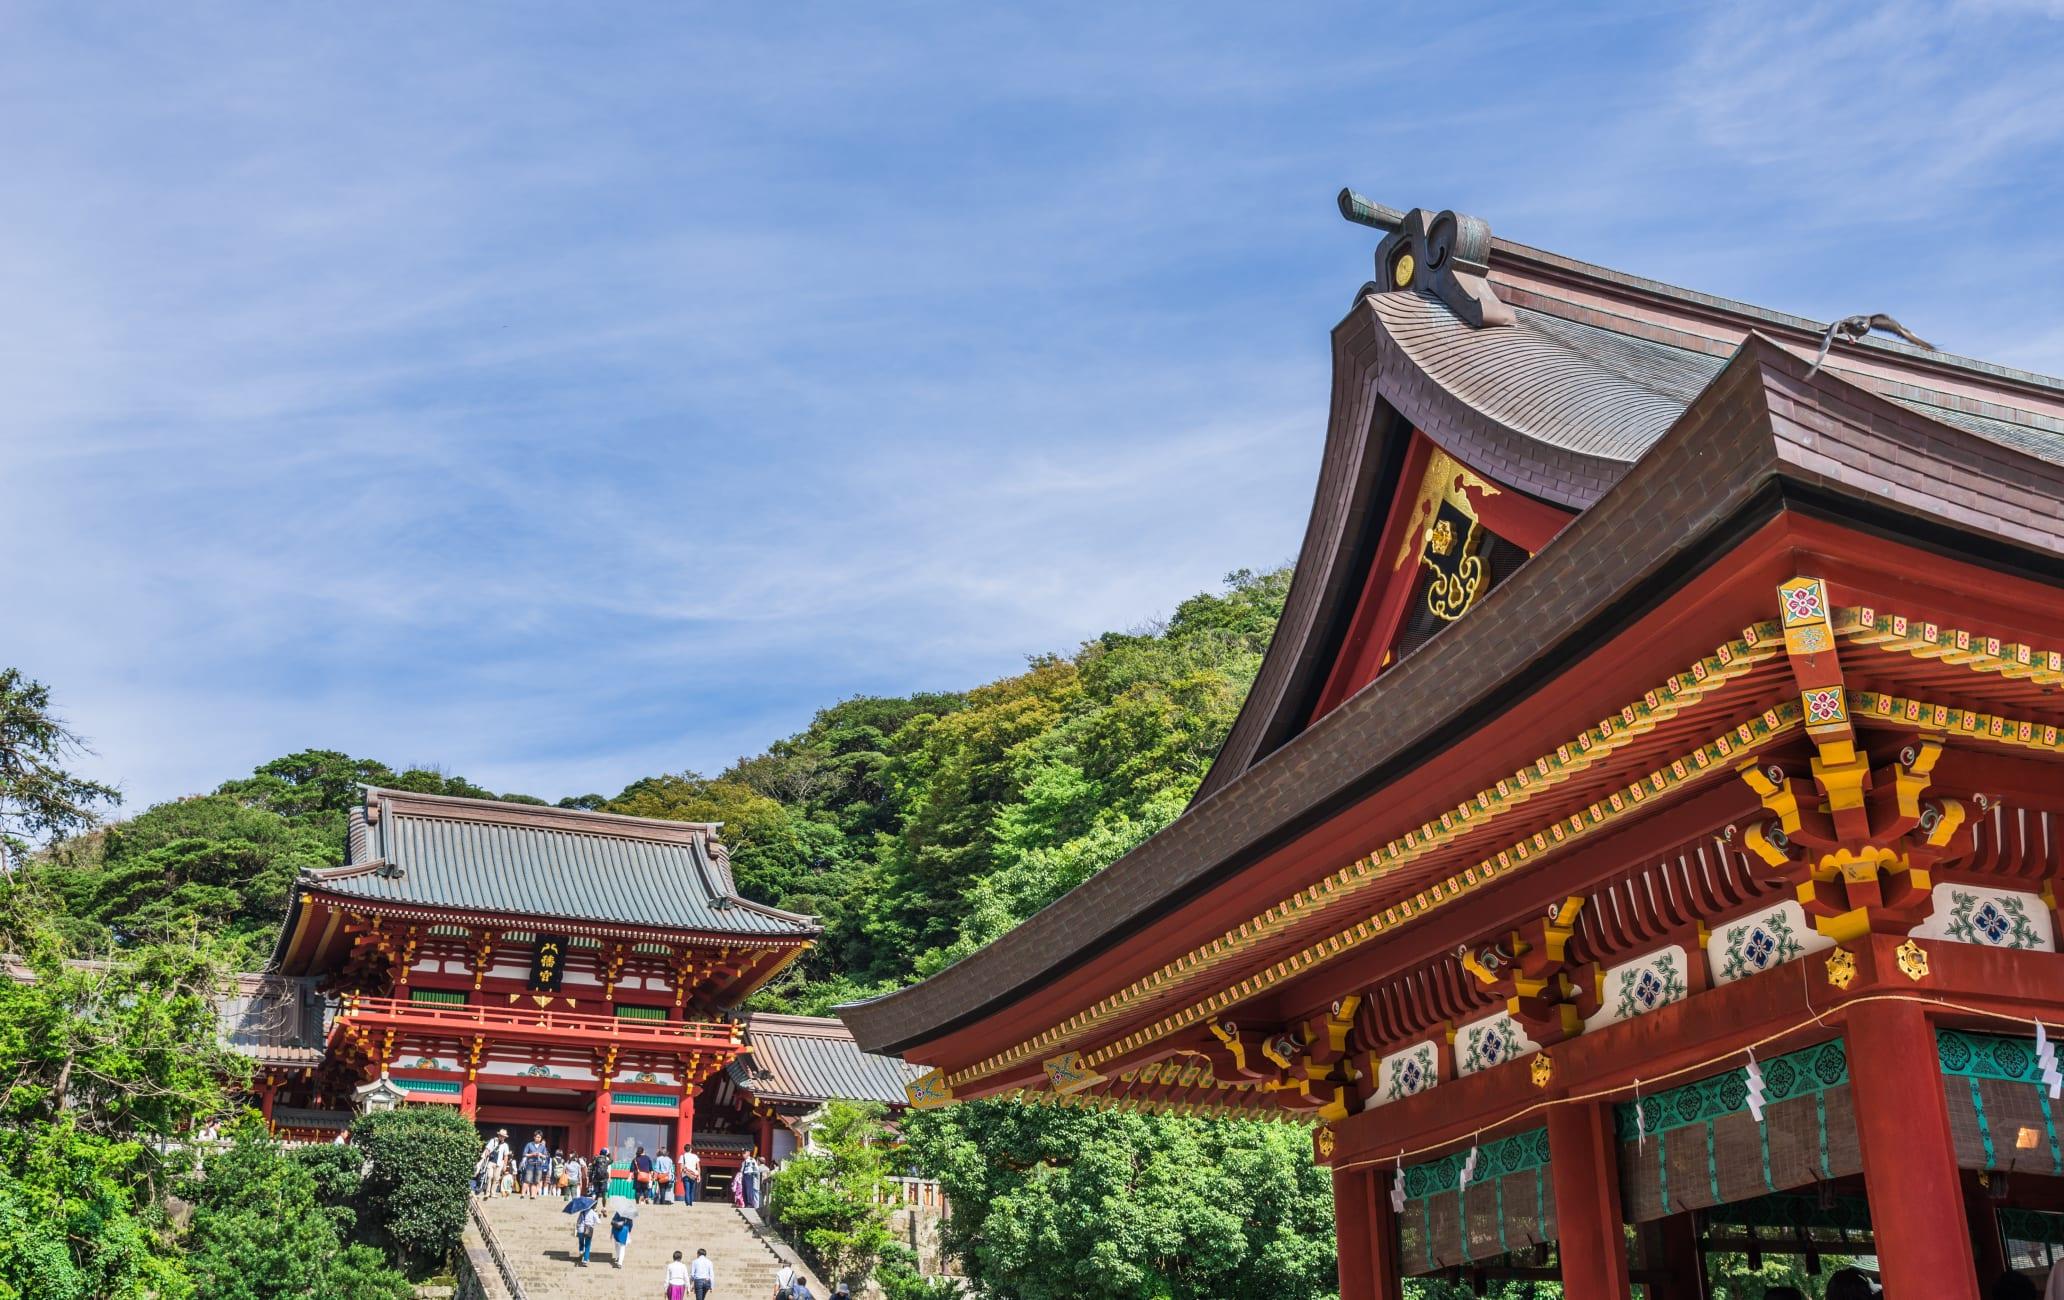 Tsurugaoka Hachiman-gu Shrine